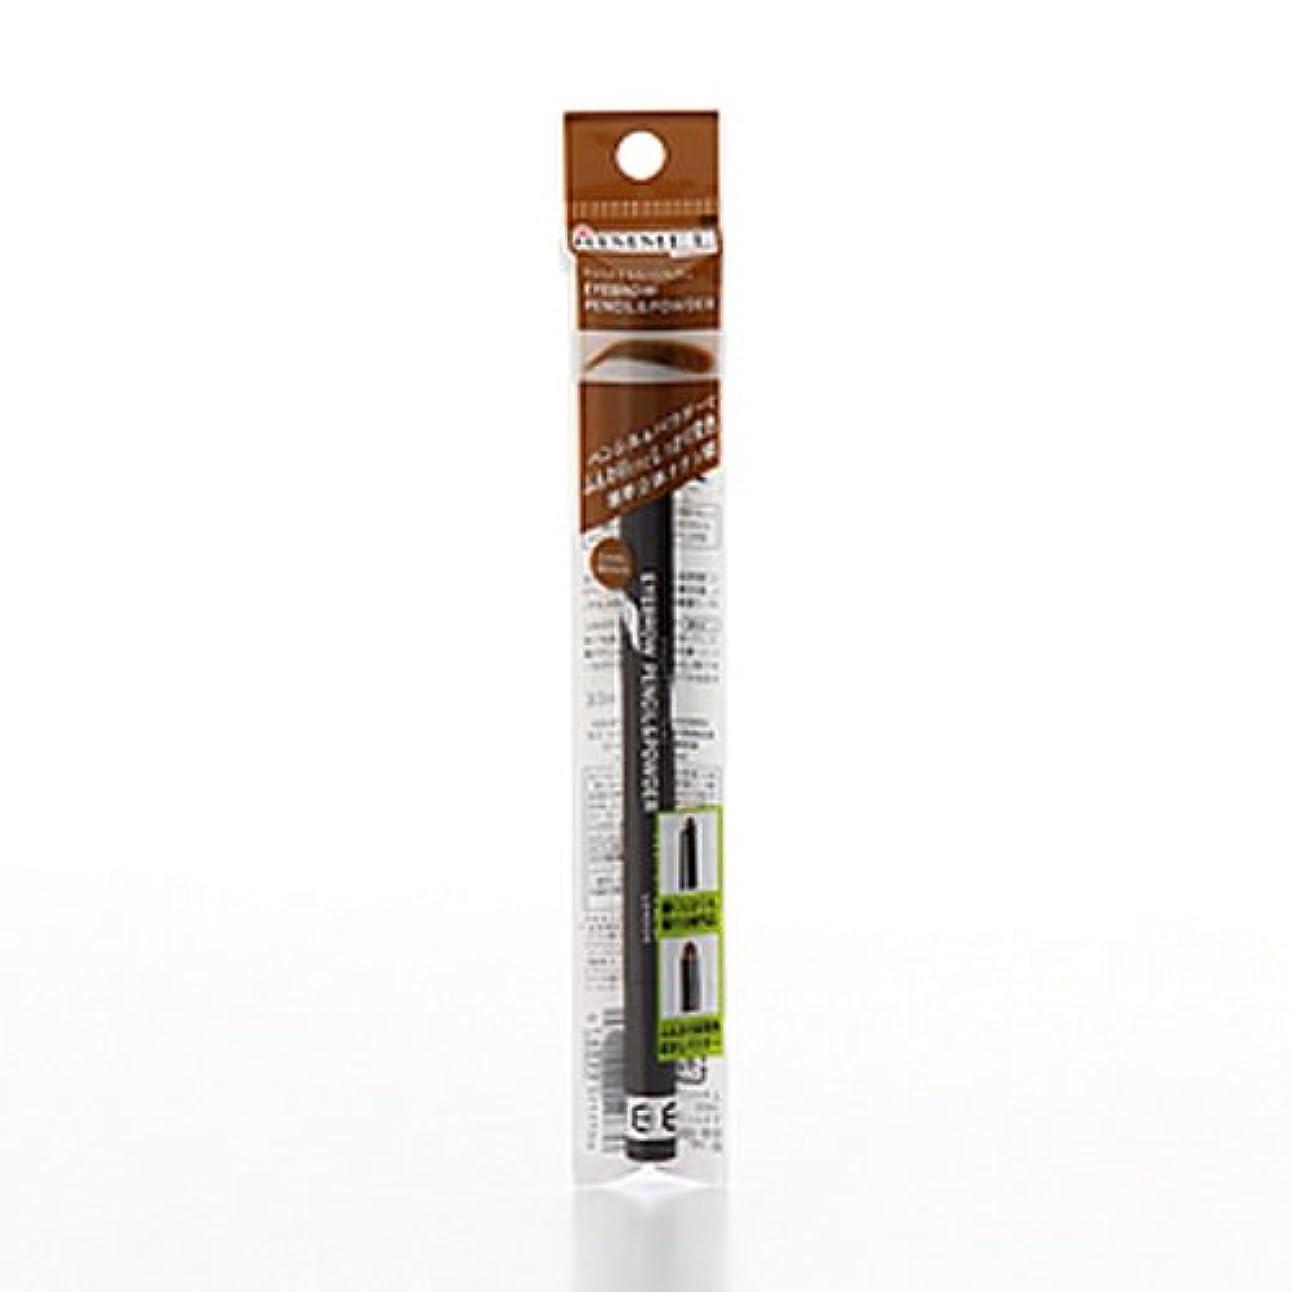 発音する寝室を掃除する革命的リンメル プロフェッショナル アイブロウ ペンシル&パウダー 002 キャメルブラウン 0.8g